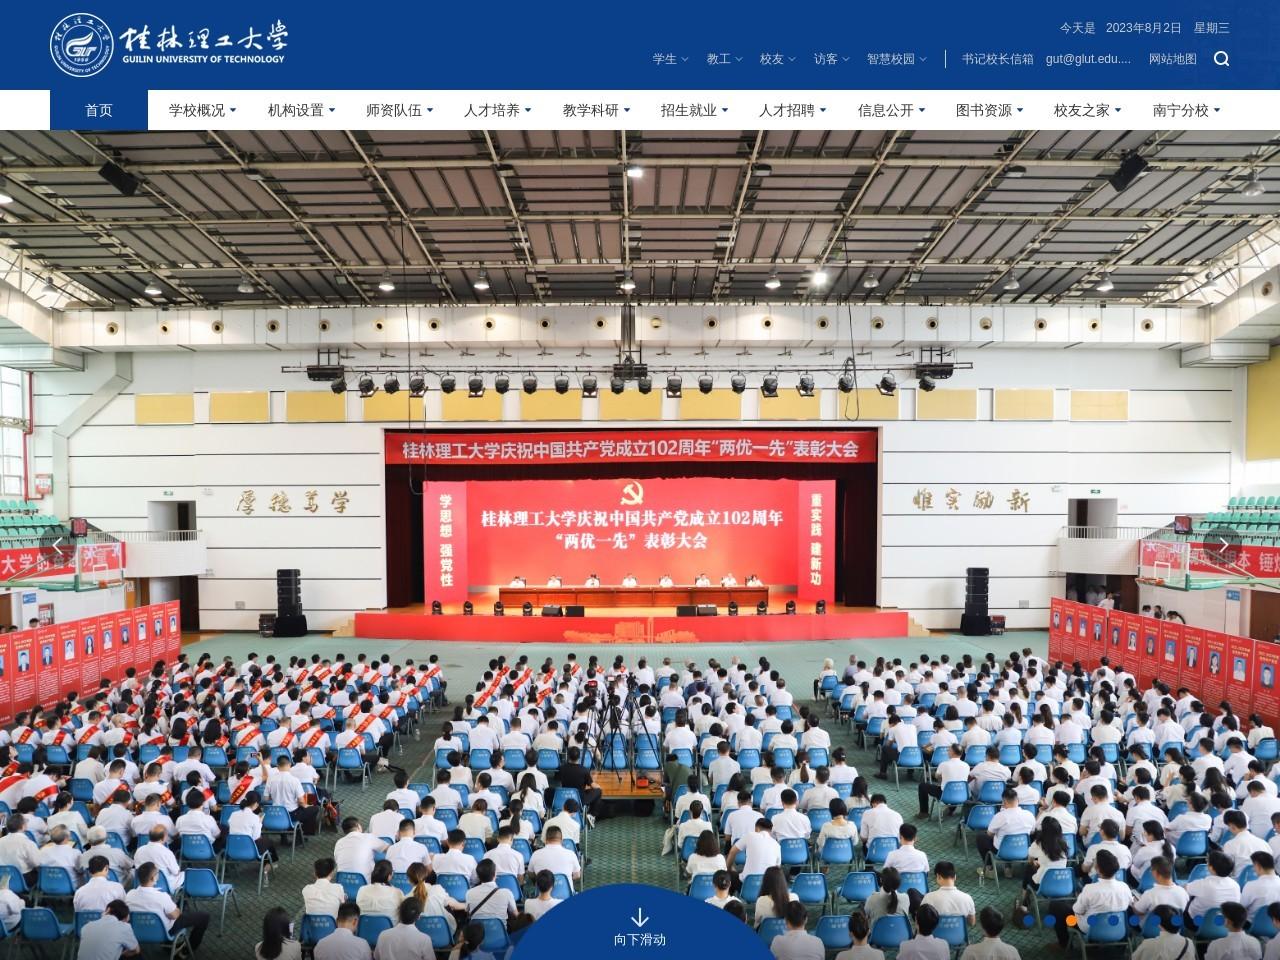 桂林理工大学截图